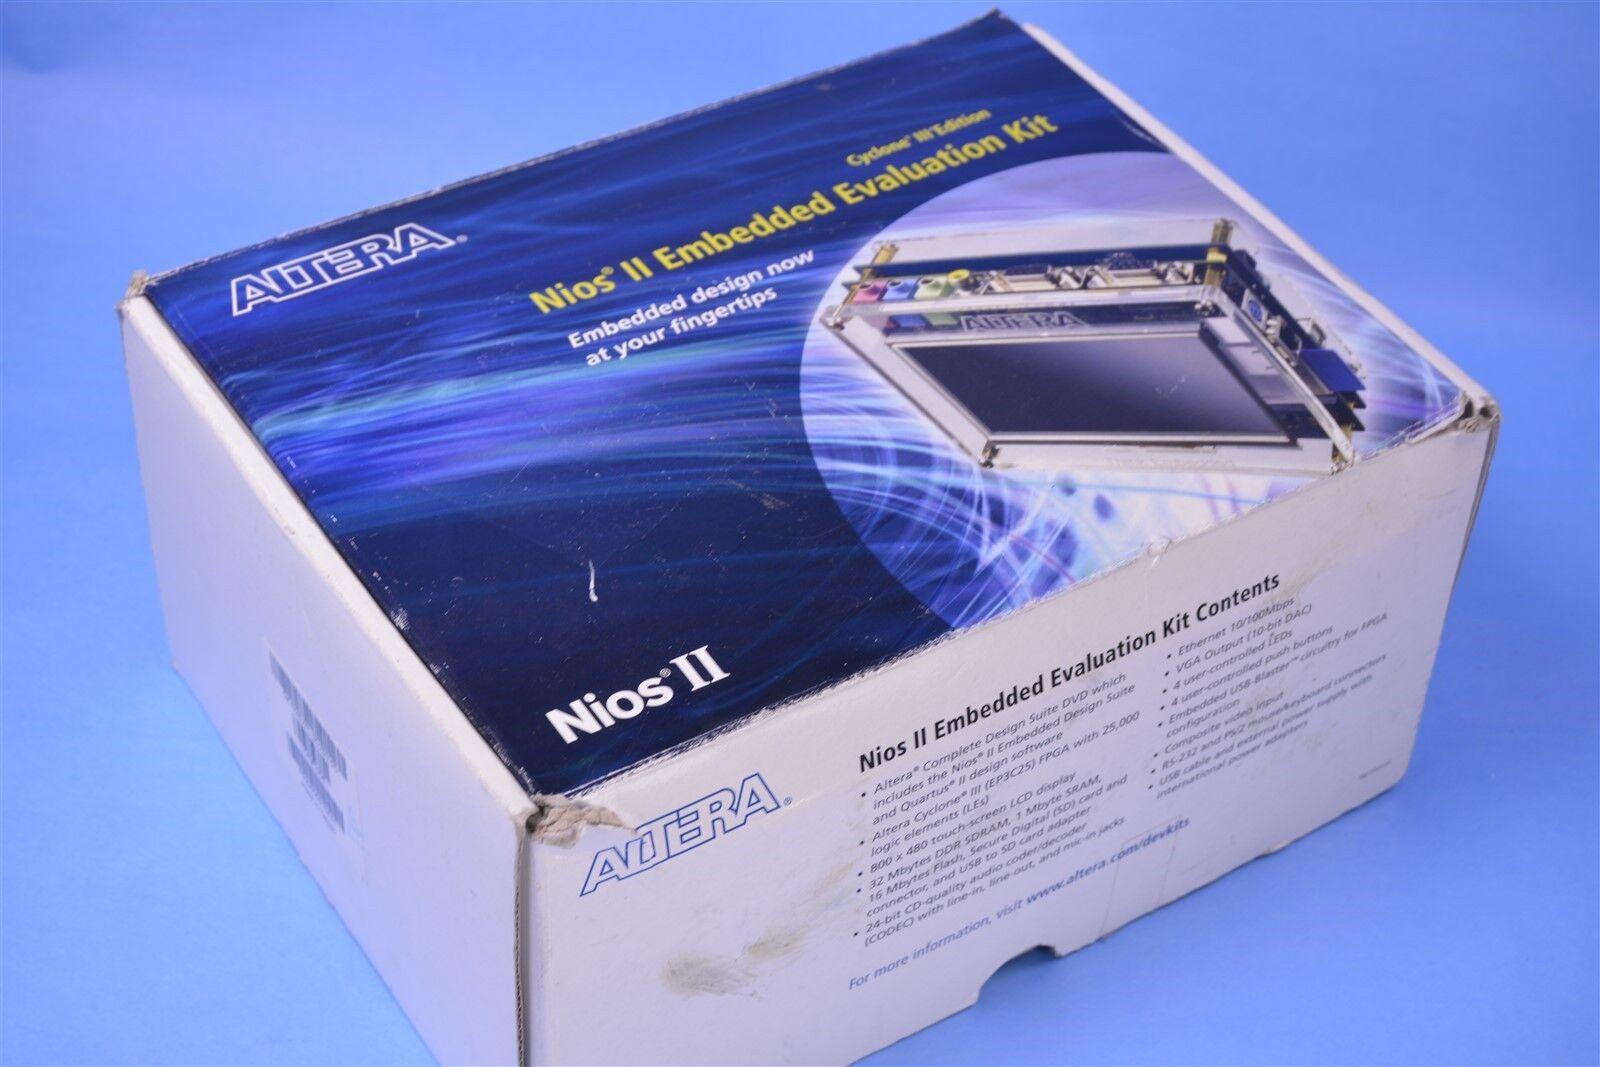 Altera Nios II Embedded Evaluation Kit